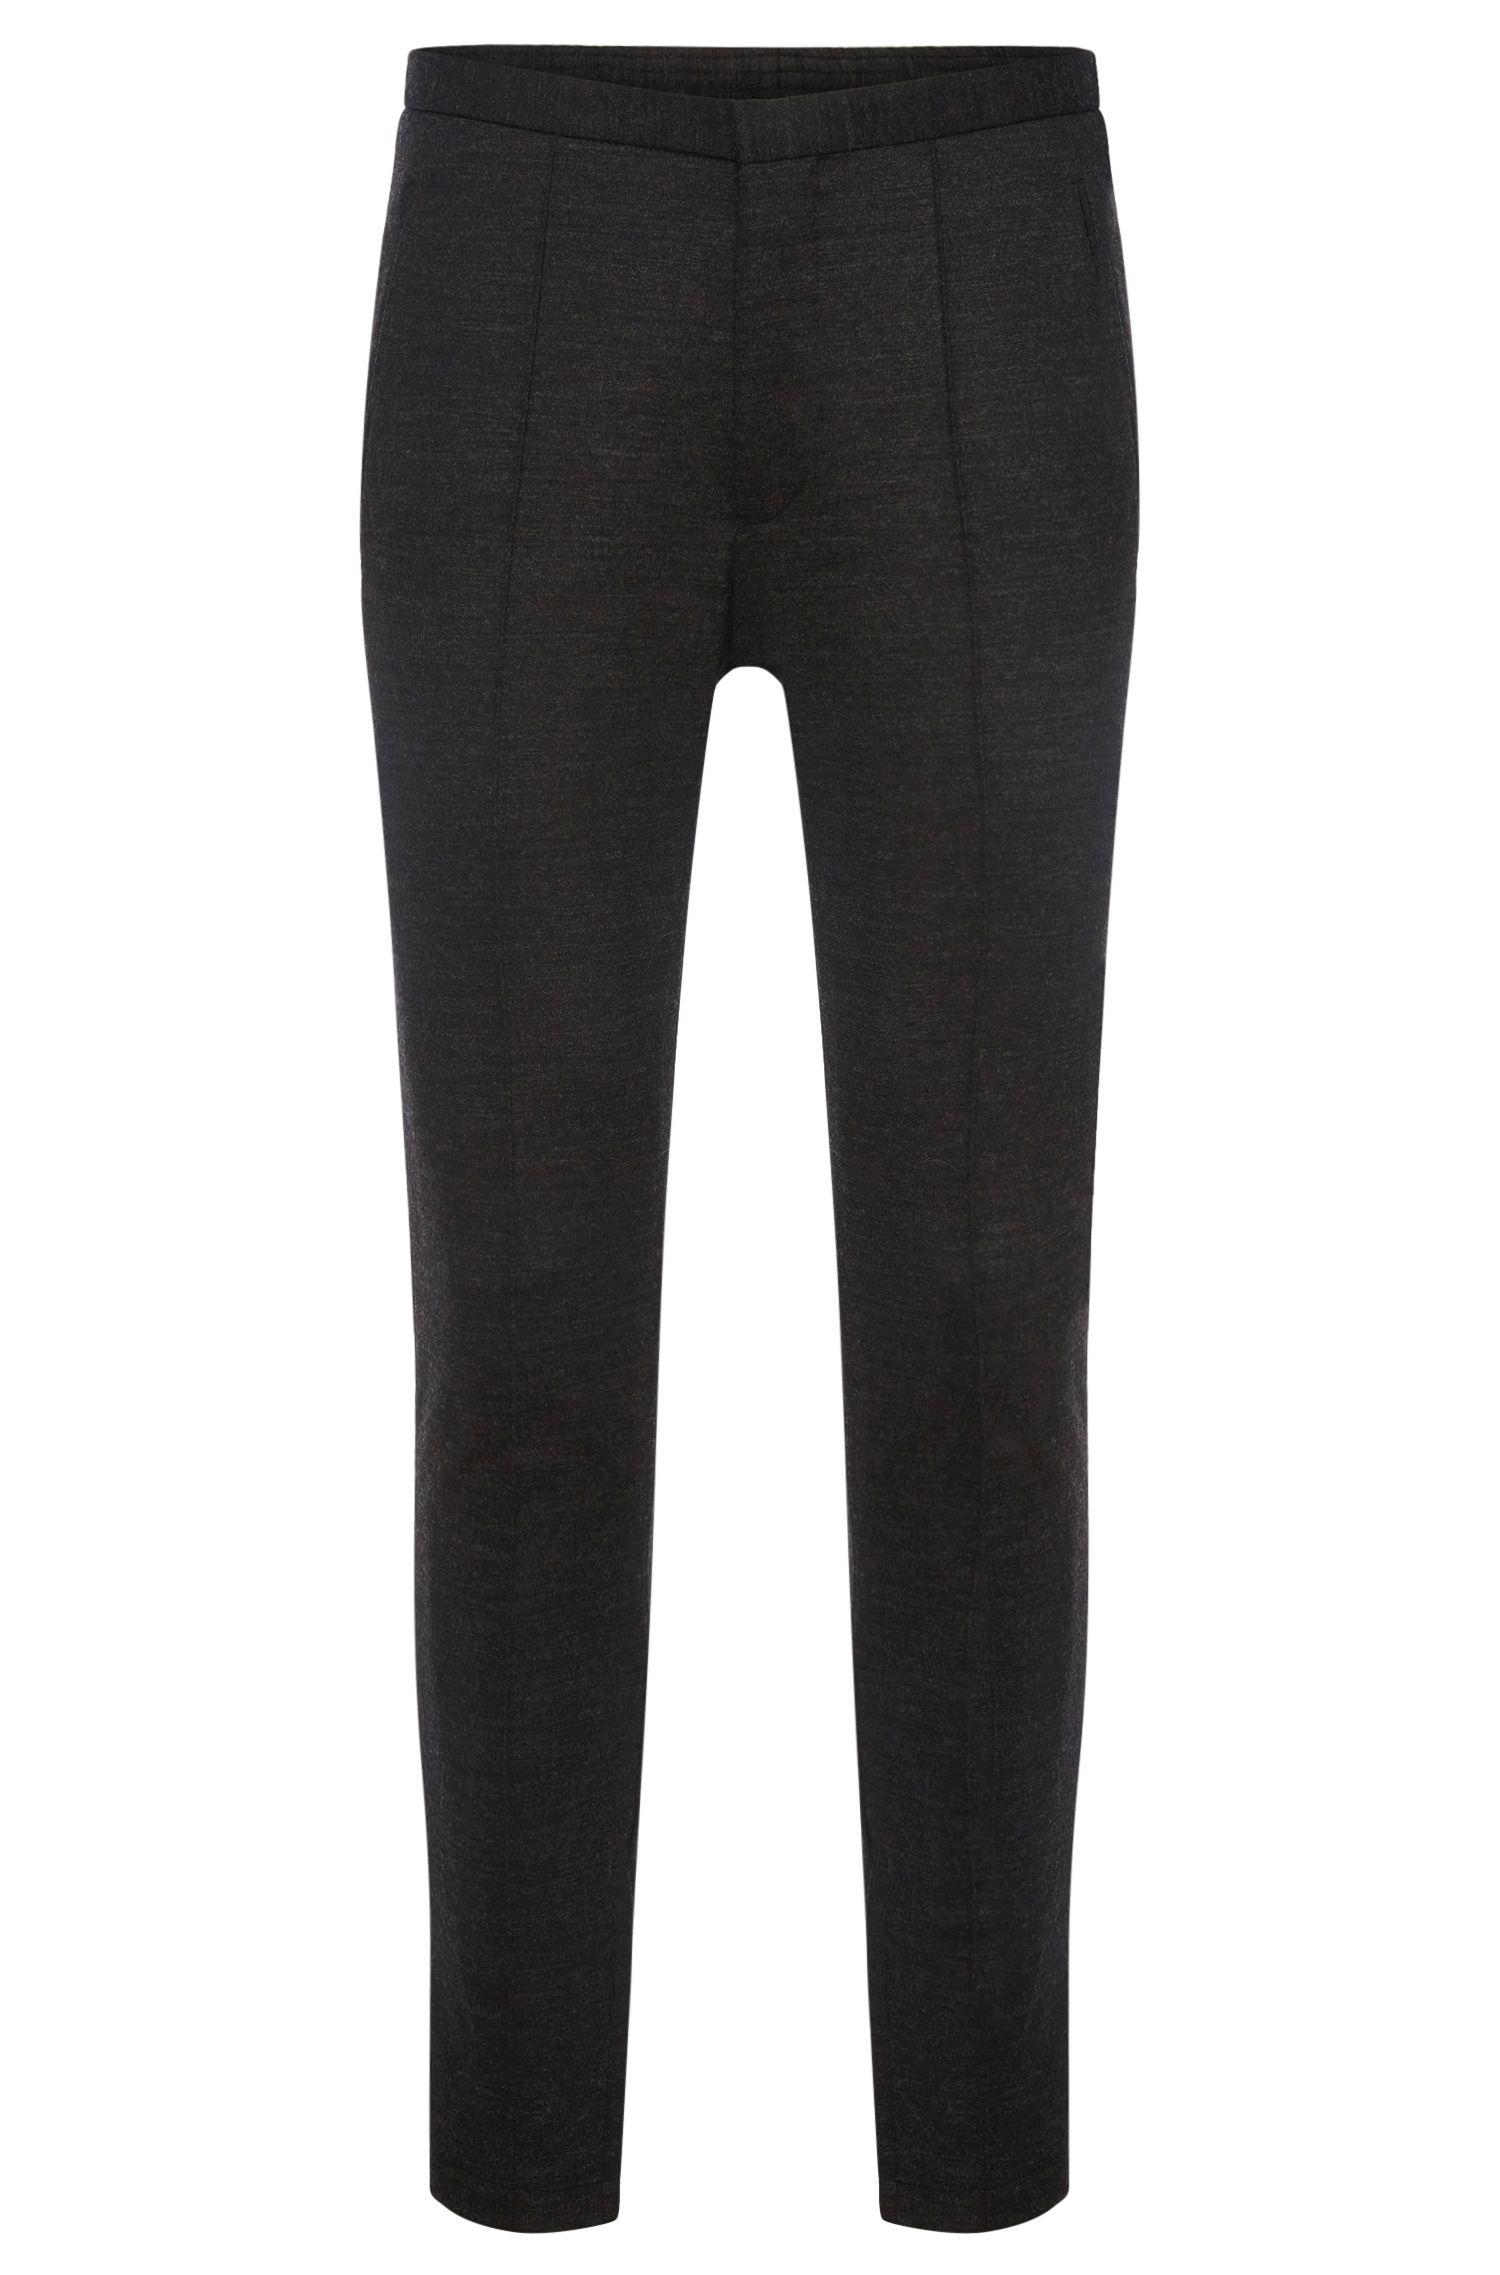 'Brio' | Slim Fit, Stretch Virgin Wool Ankle Zip Trousers